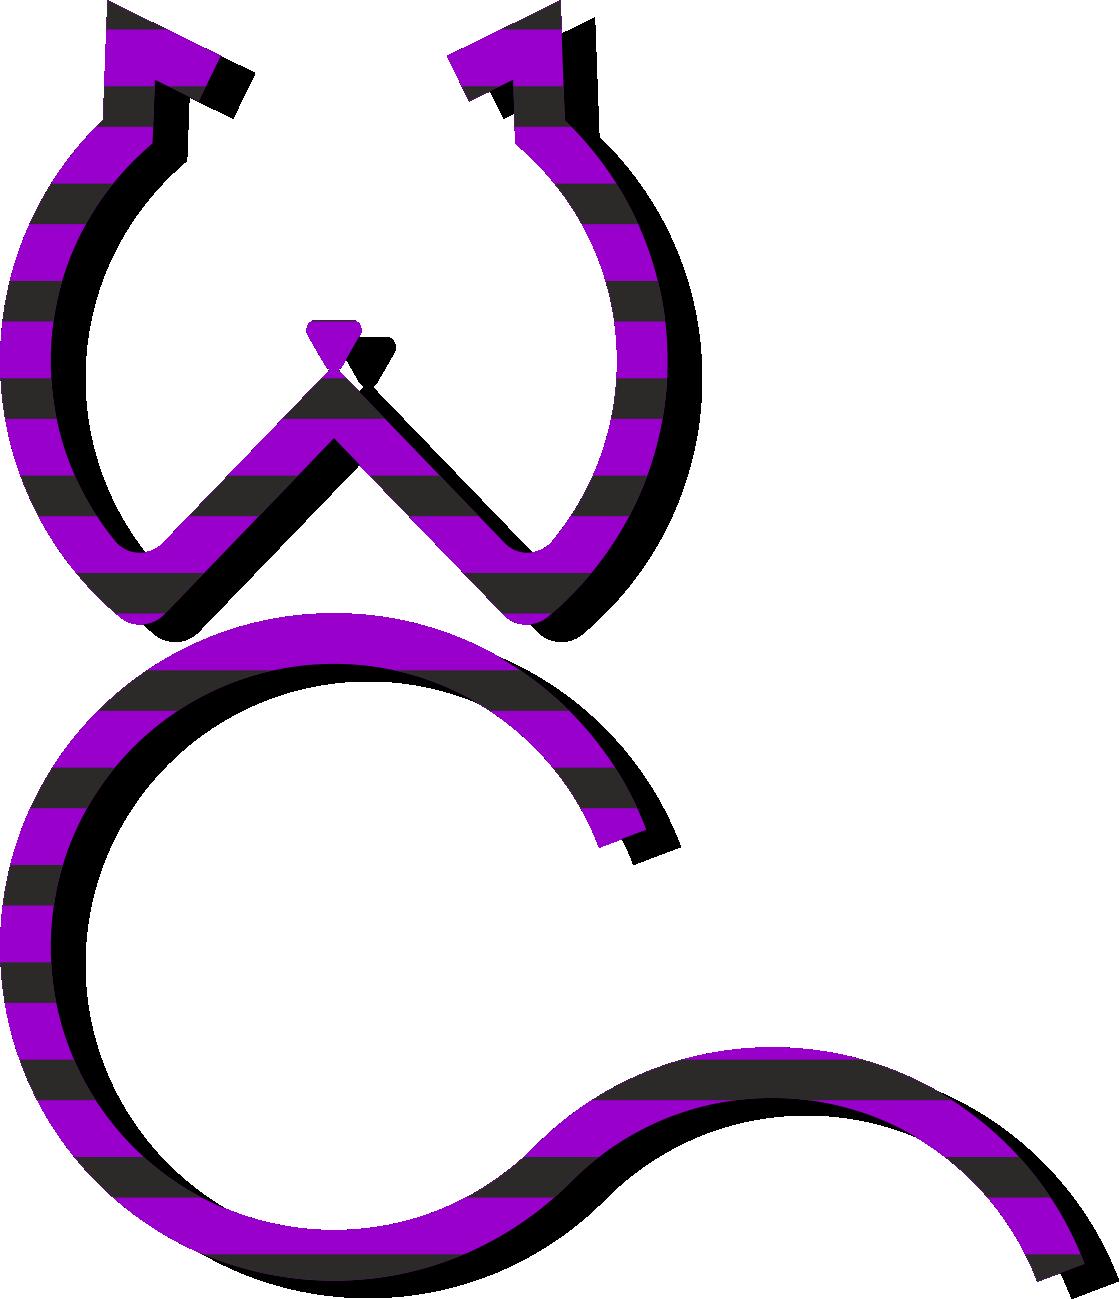 Создание логотипа WeCats фото f_7755f1adf48272a2.png